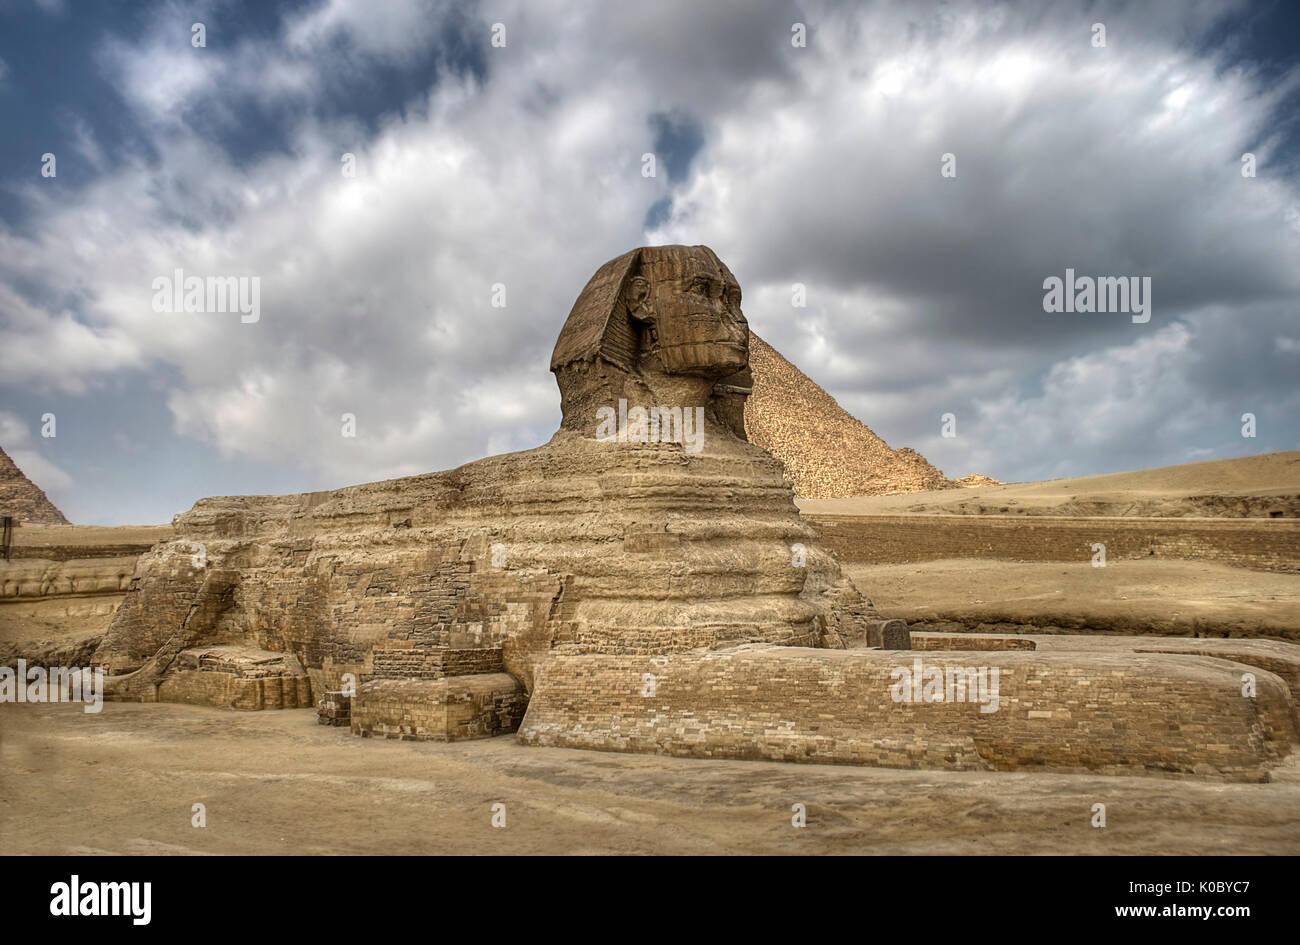 La sfinge a guardia delle piramidi sul sito di Giza plateu del Cairo in Egitto. Immagini Stock